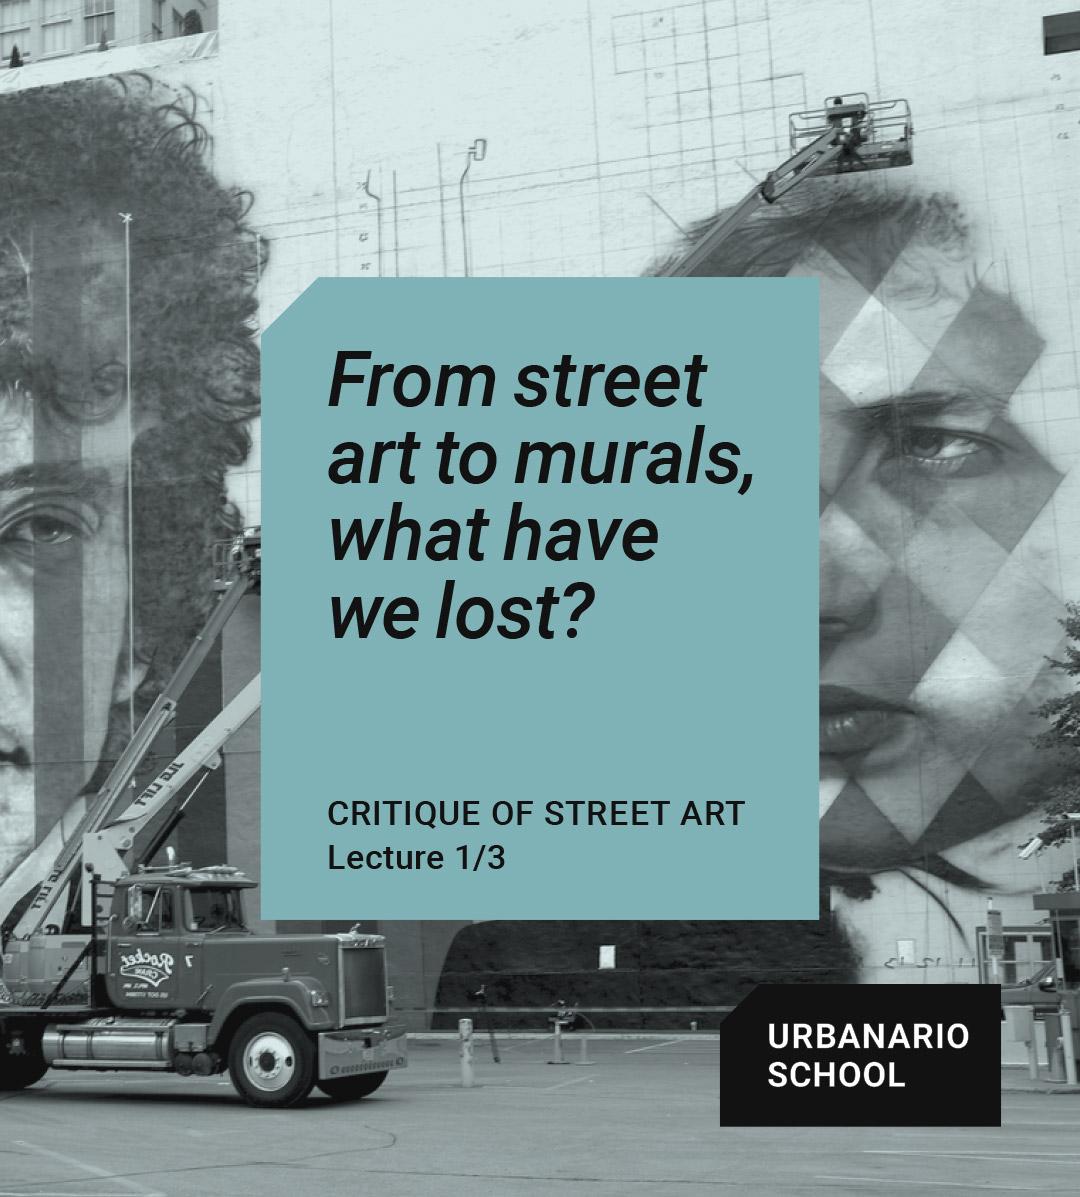 From street art to murals - Urbanario School